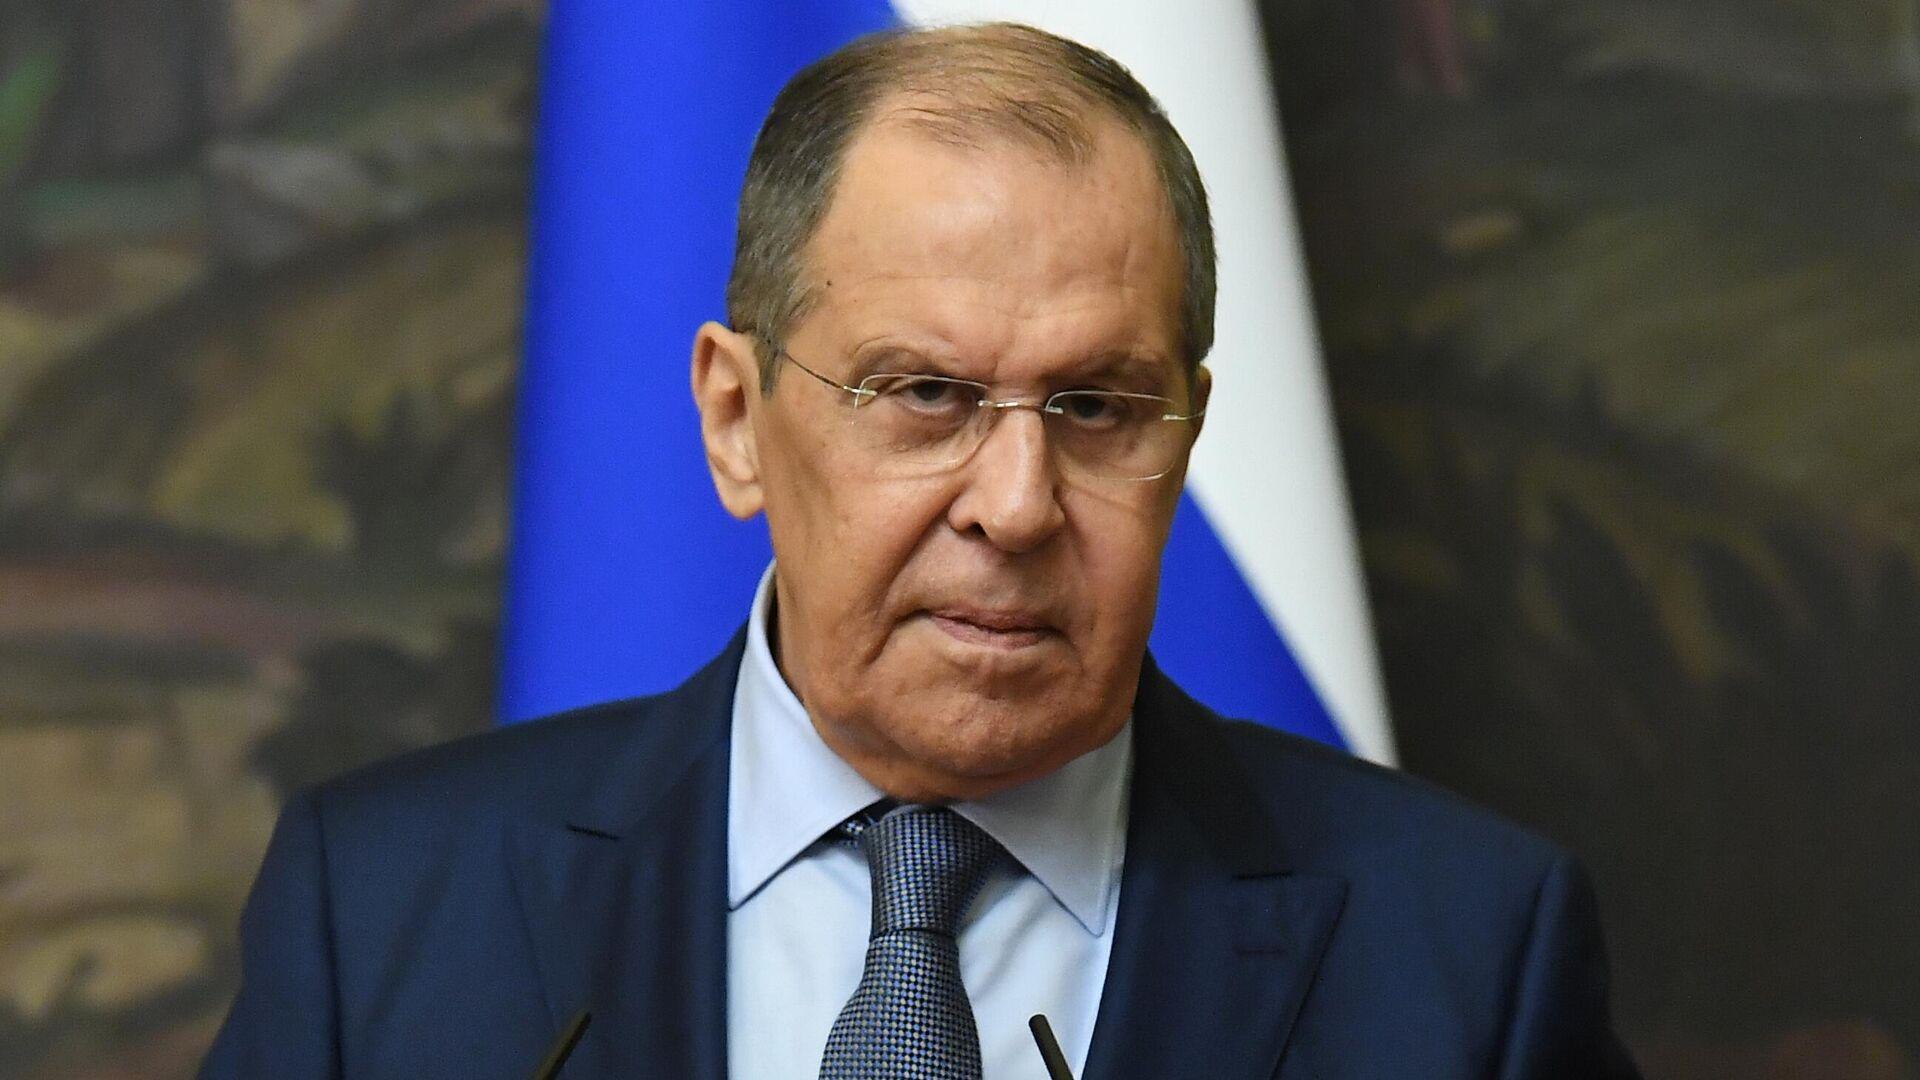 Лавров: Запад в линии на сдерживание России использует историческую память